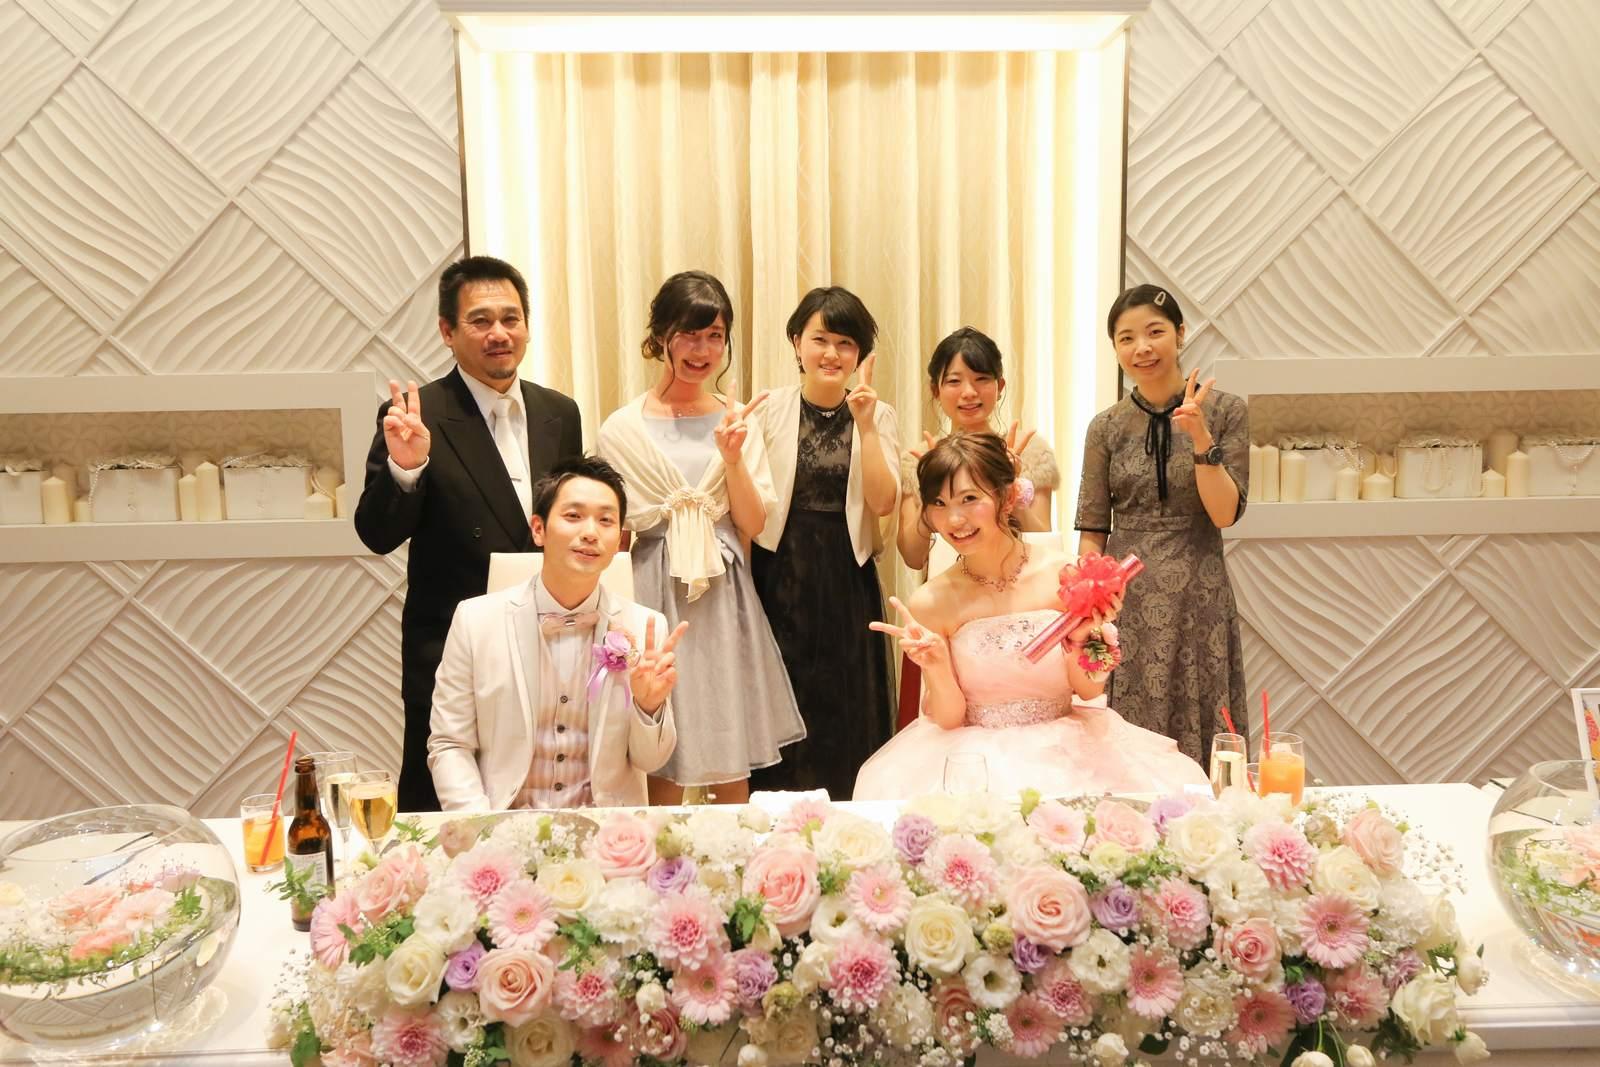 徳島市の結婚式場ブランアンジュのメインテーブルで記念写真